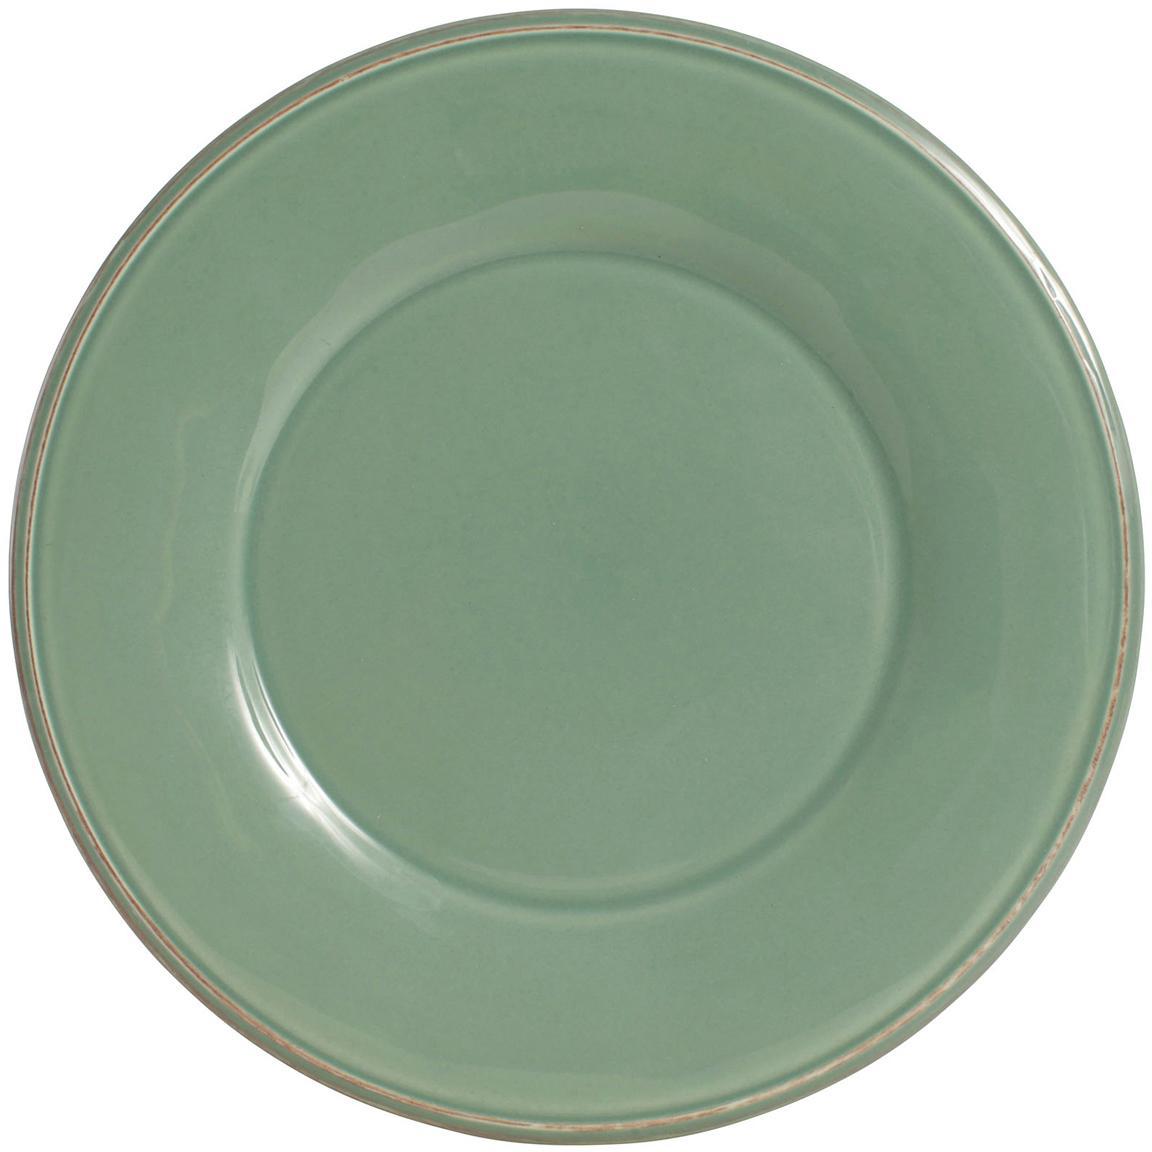 Talerz duży Constance, 2 szt., Kamionka, Szałwiowy zielony, Ø 29 cm